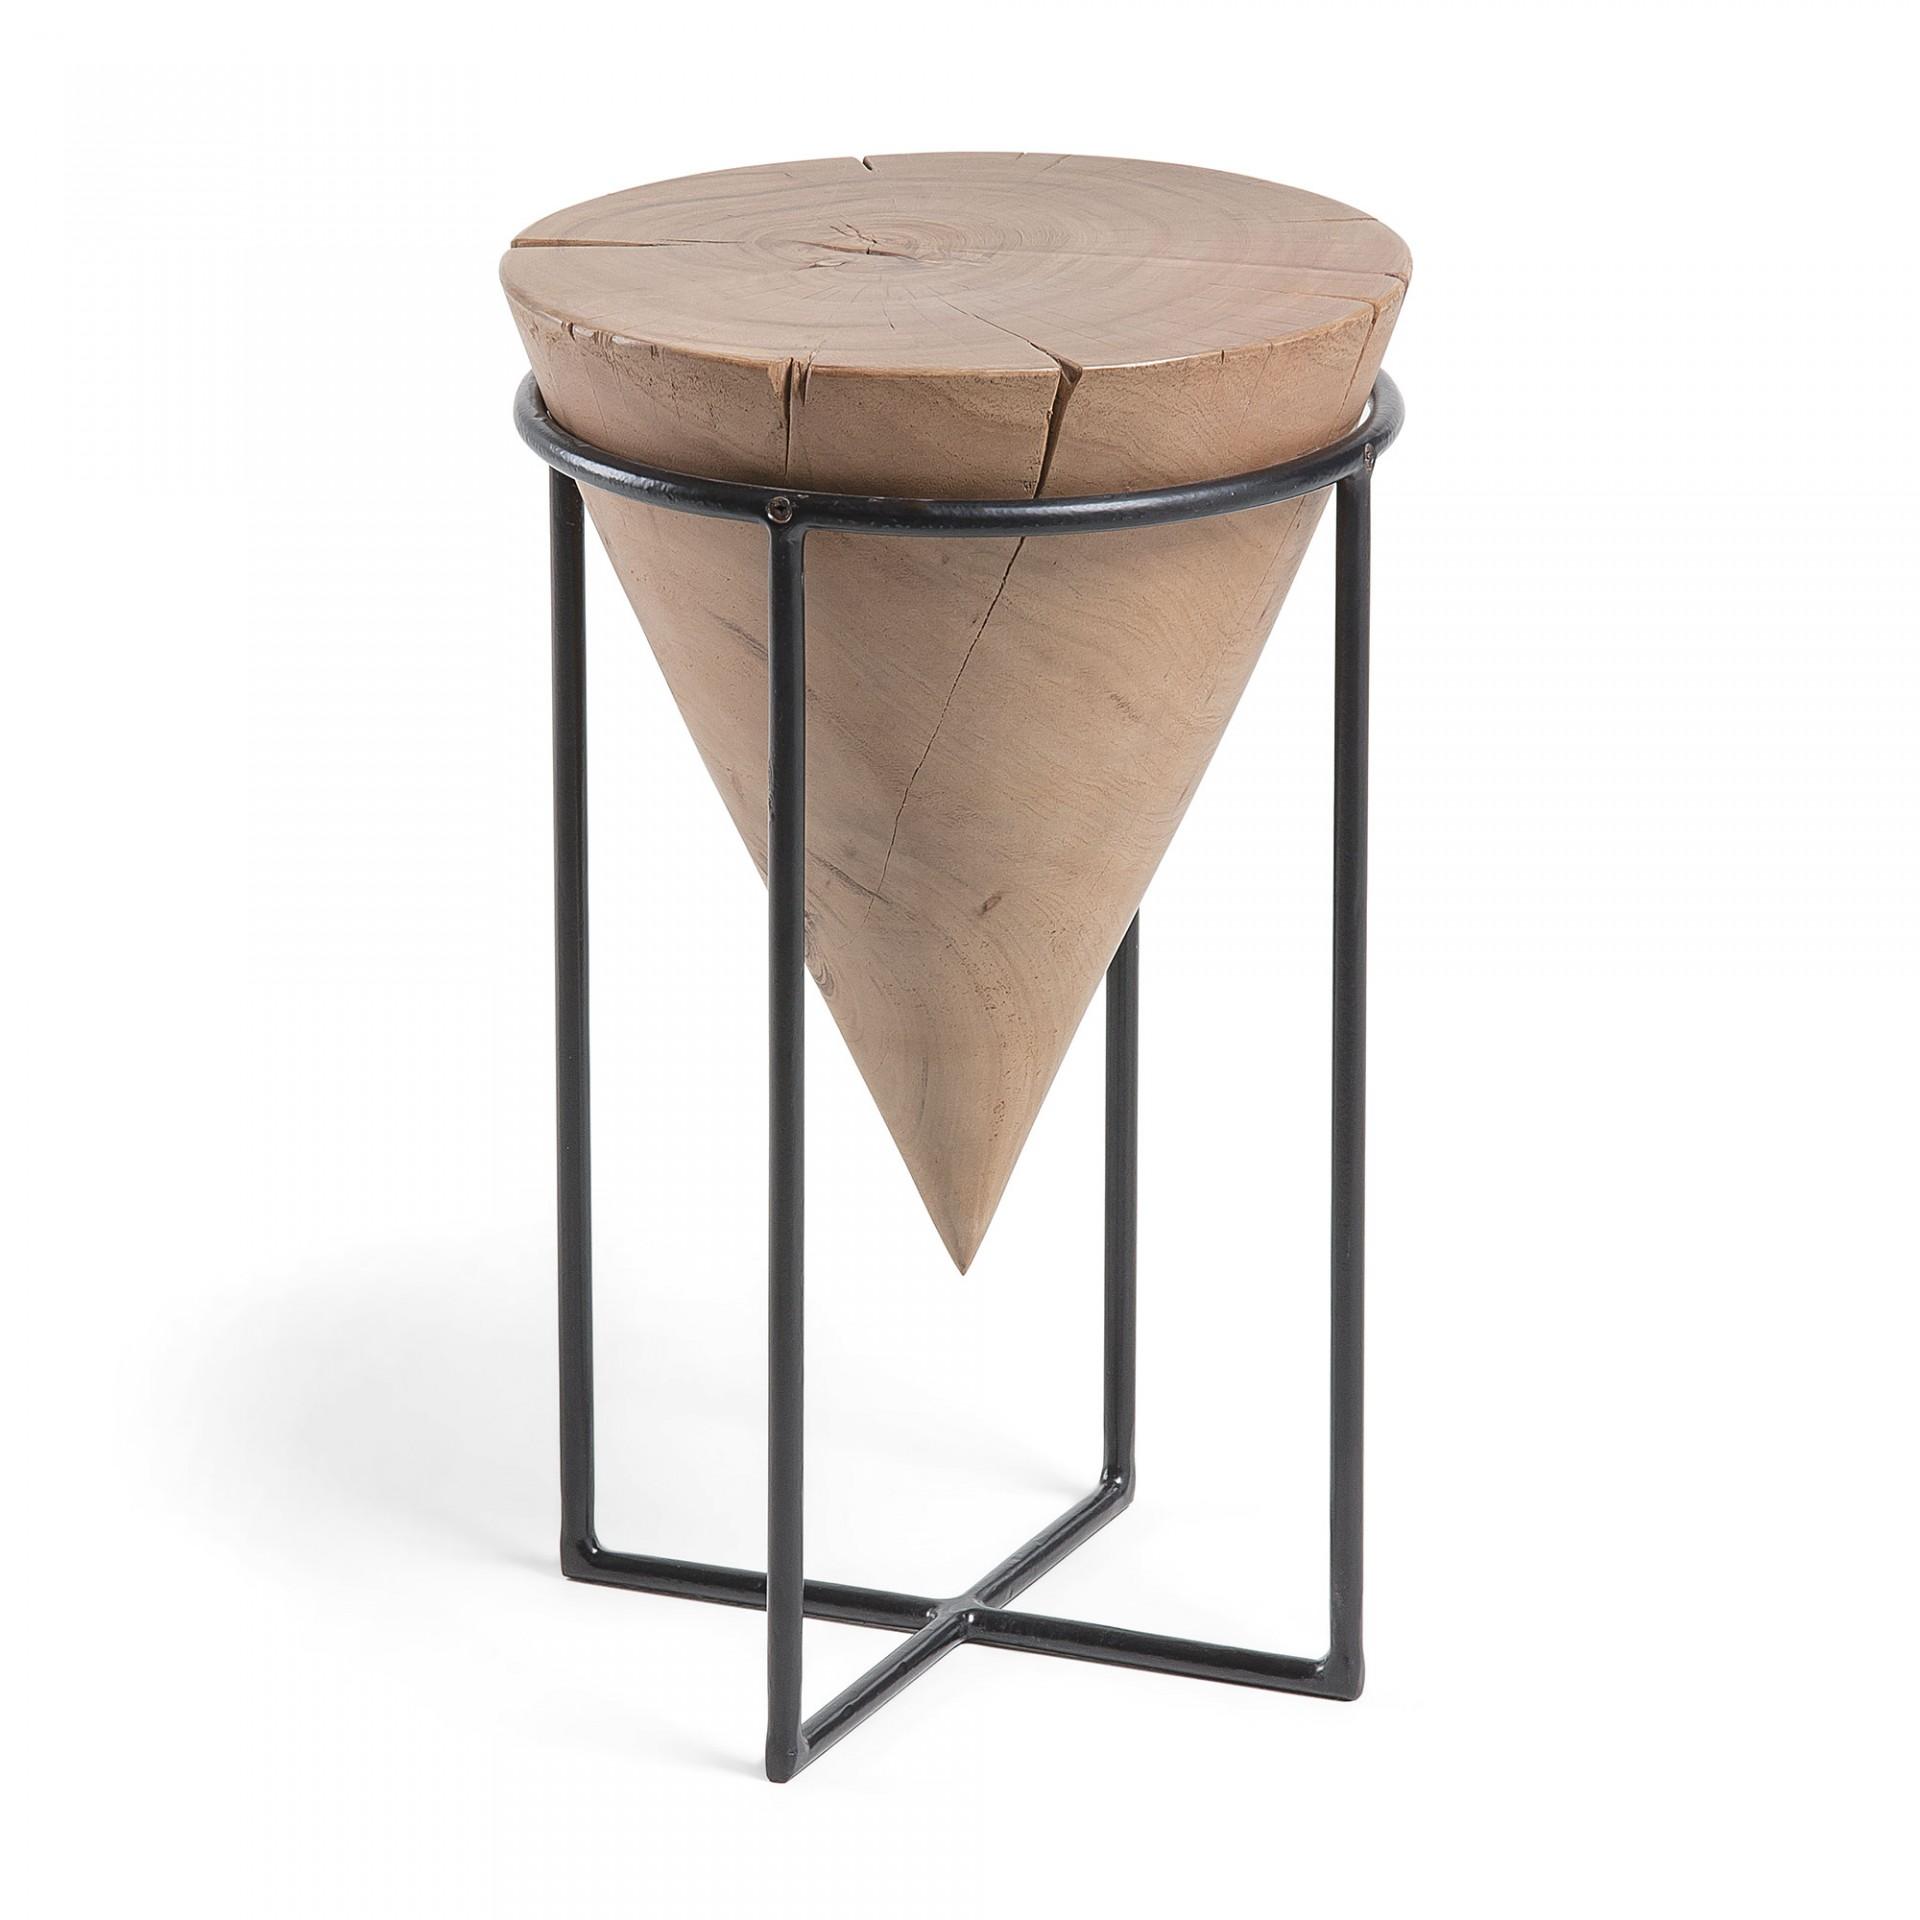 Mesa de apoio em madeira de acácia/metal, Ø31x50 cm